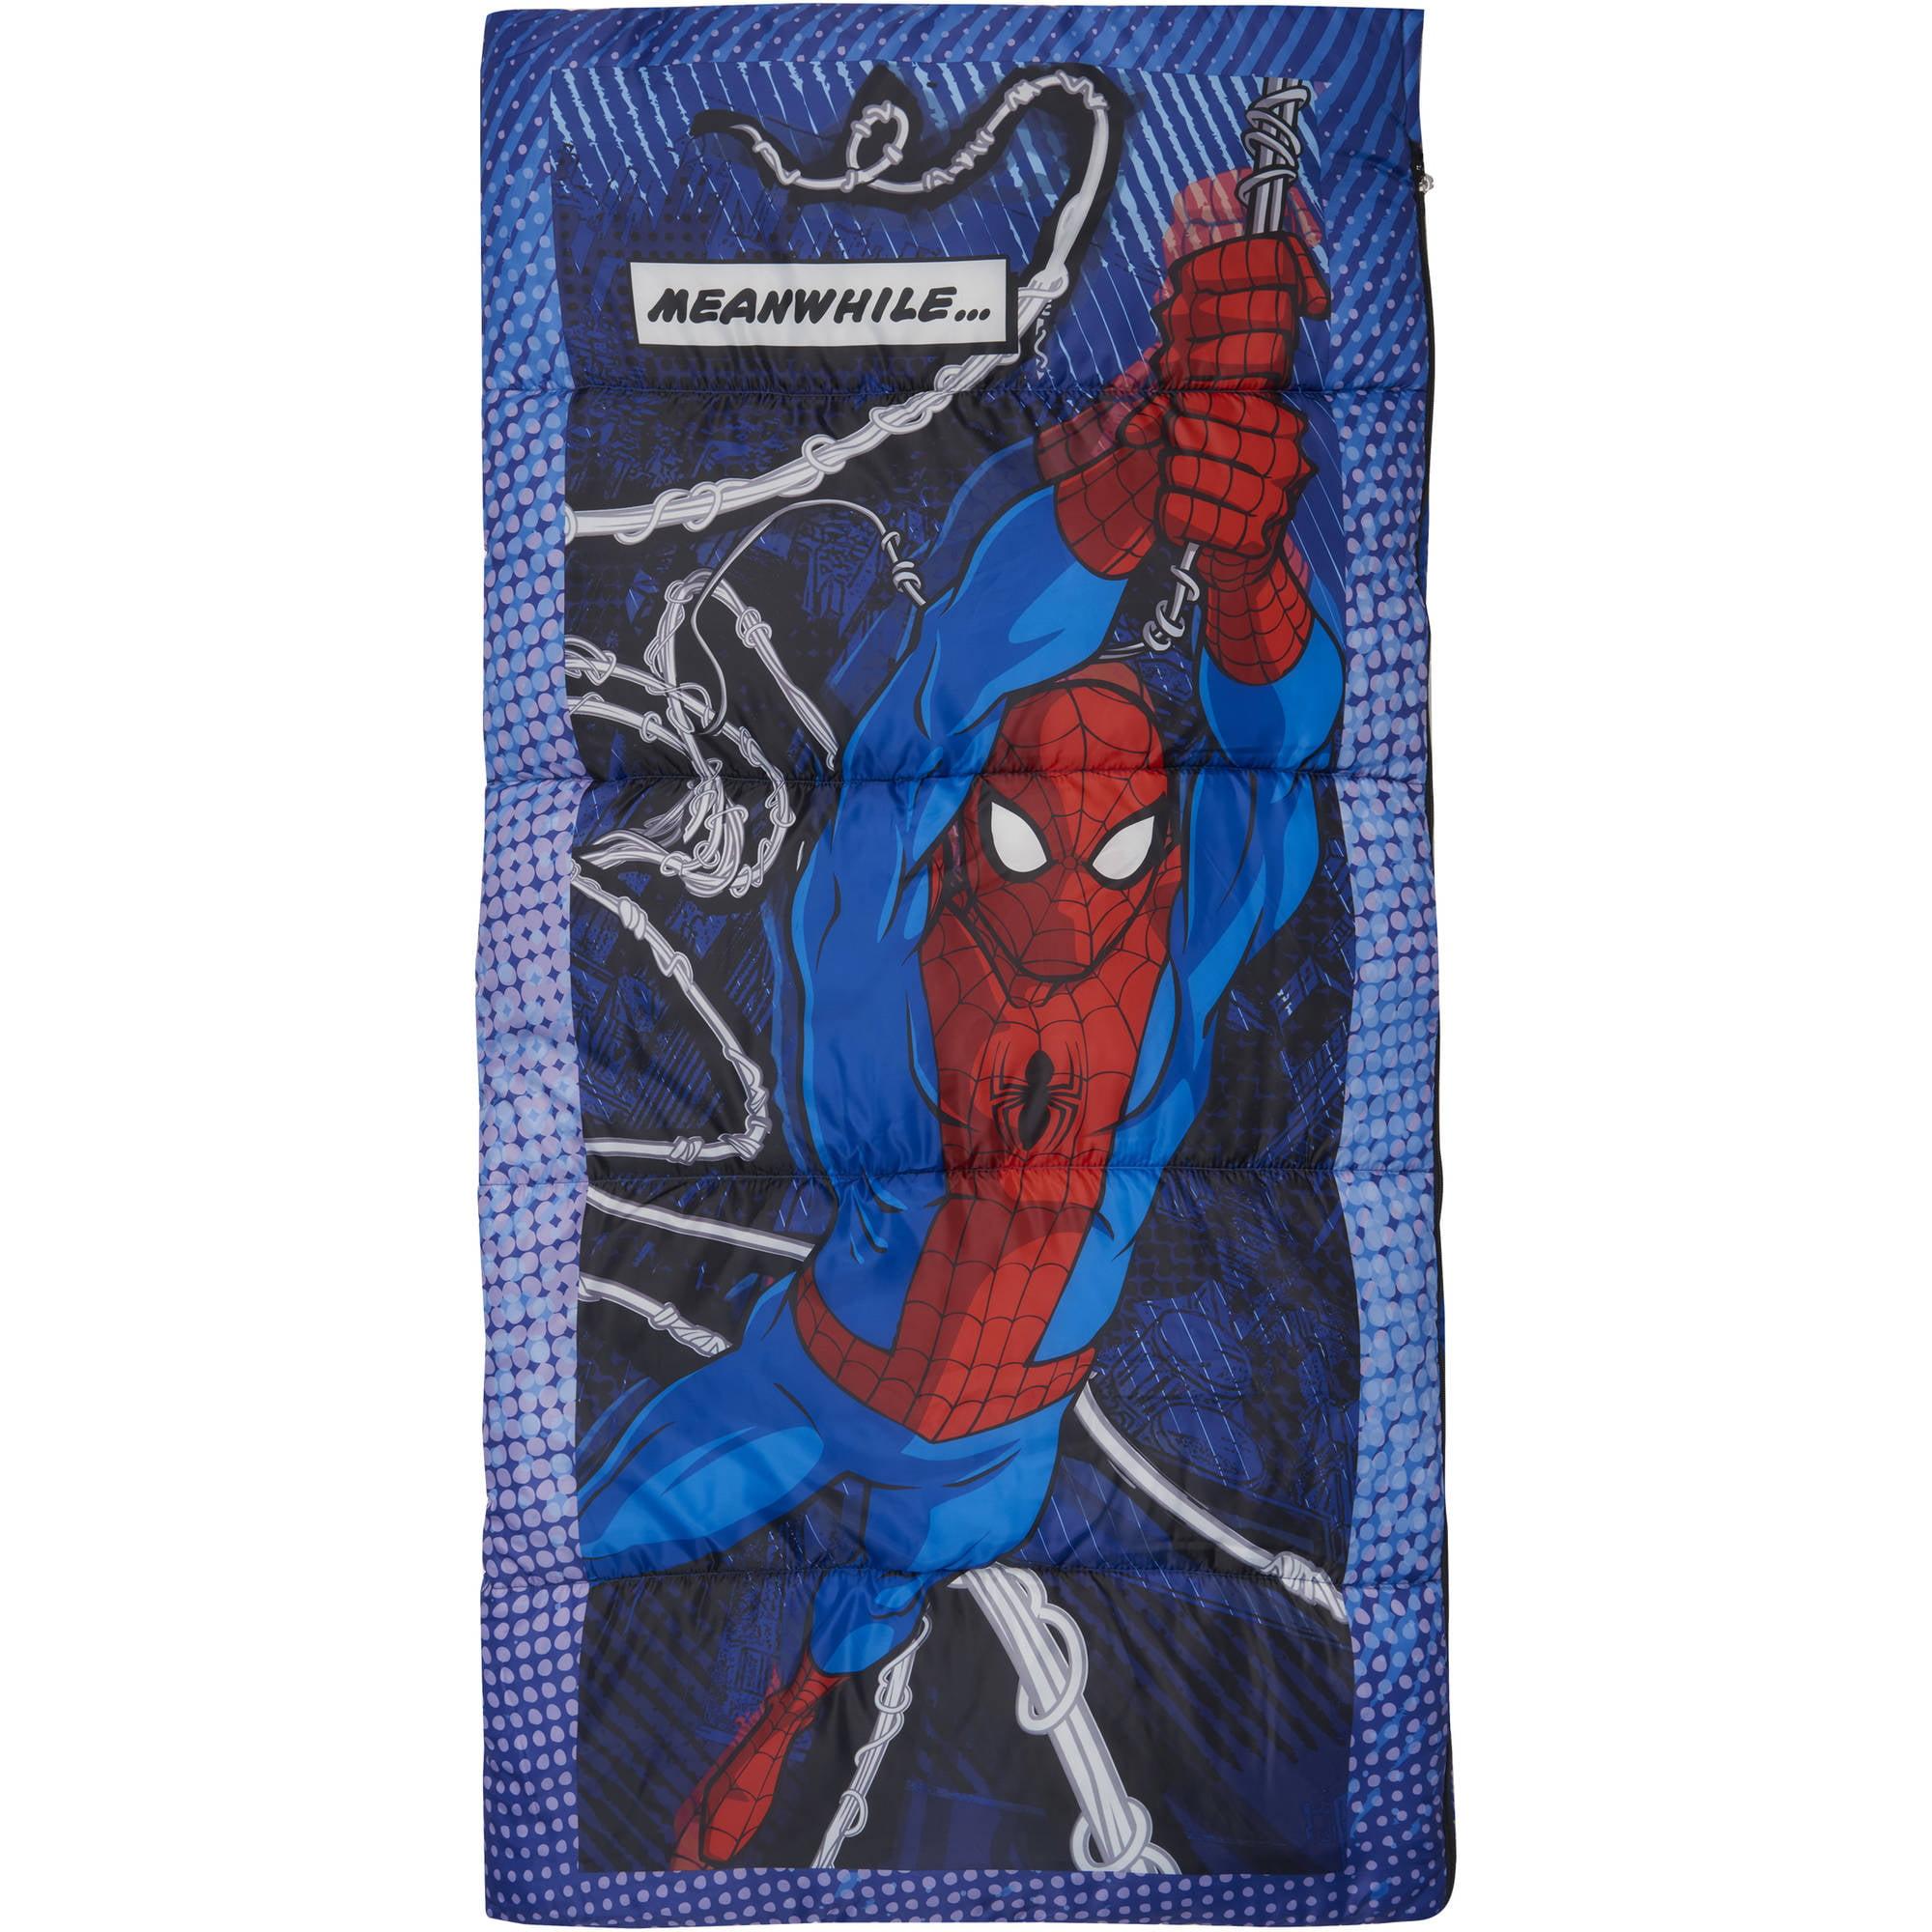 Spiderman Kids Sleeping Bag, Multi-Color by